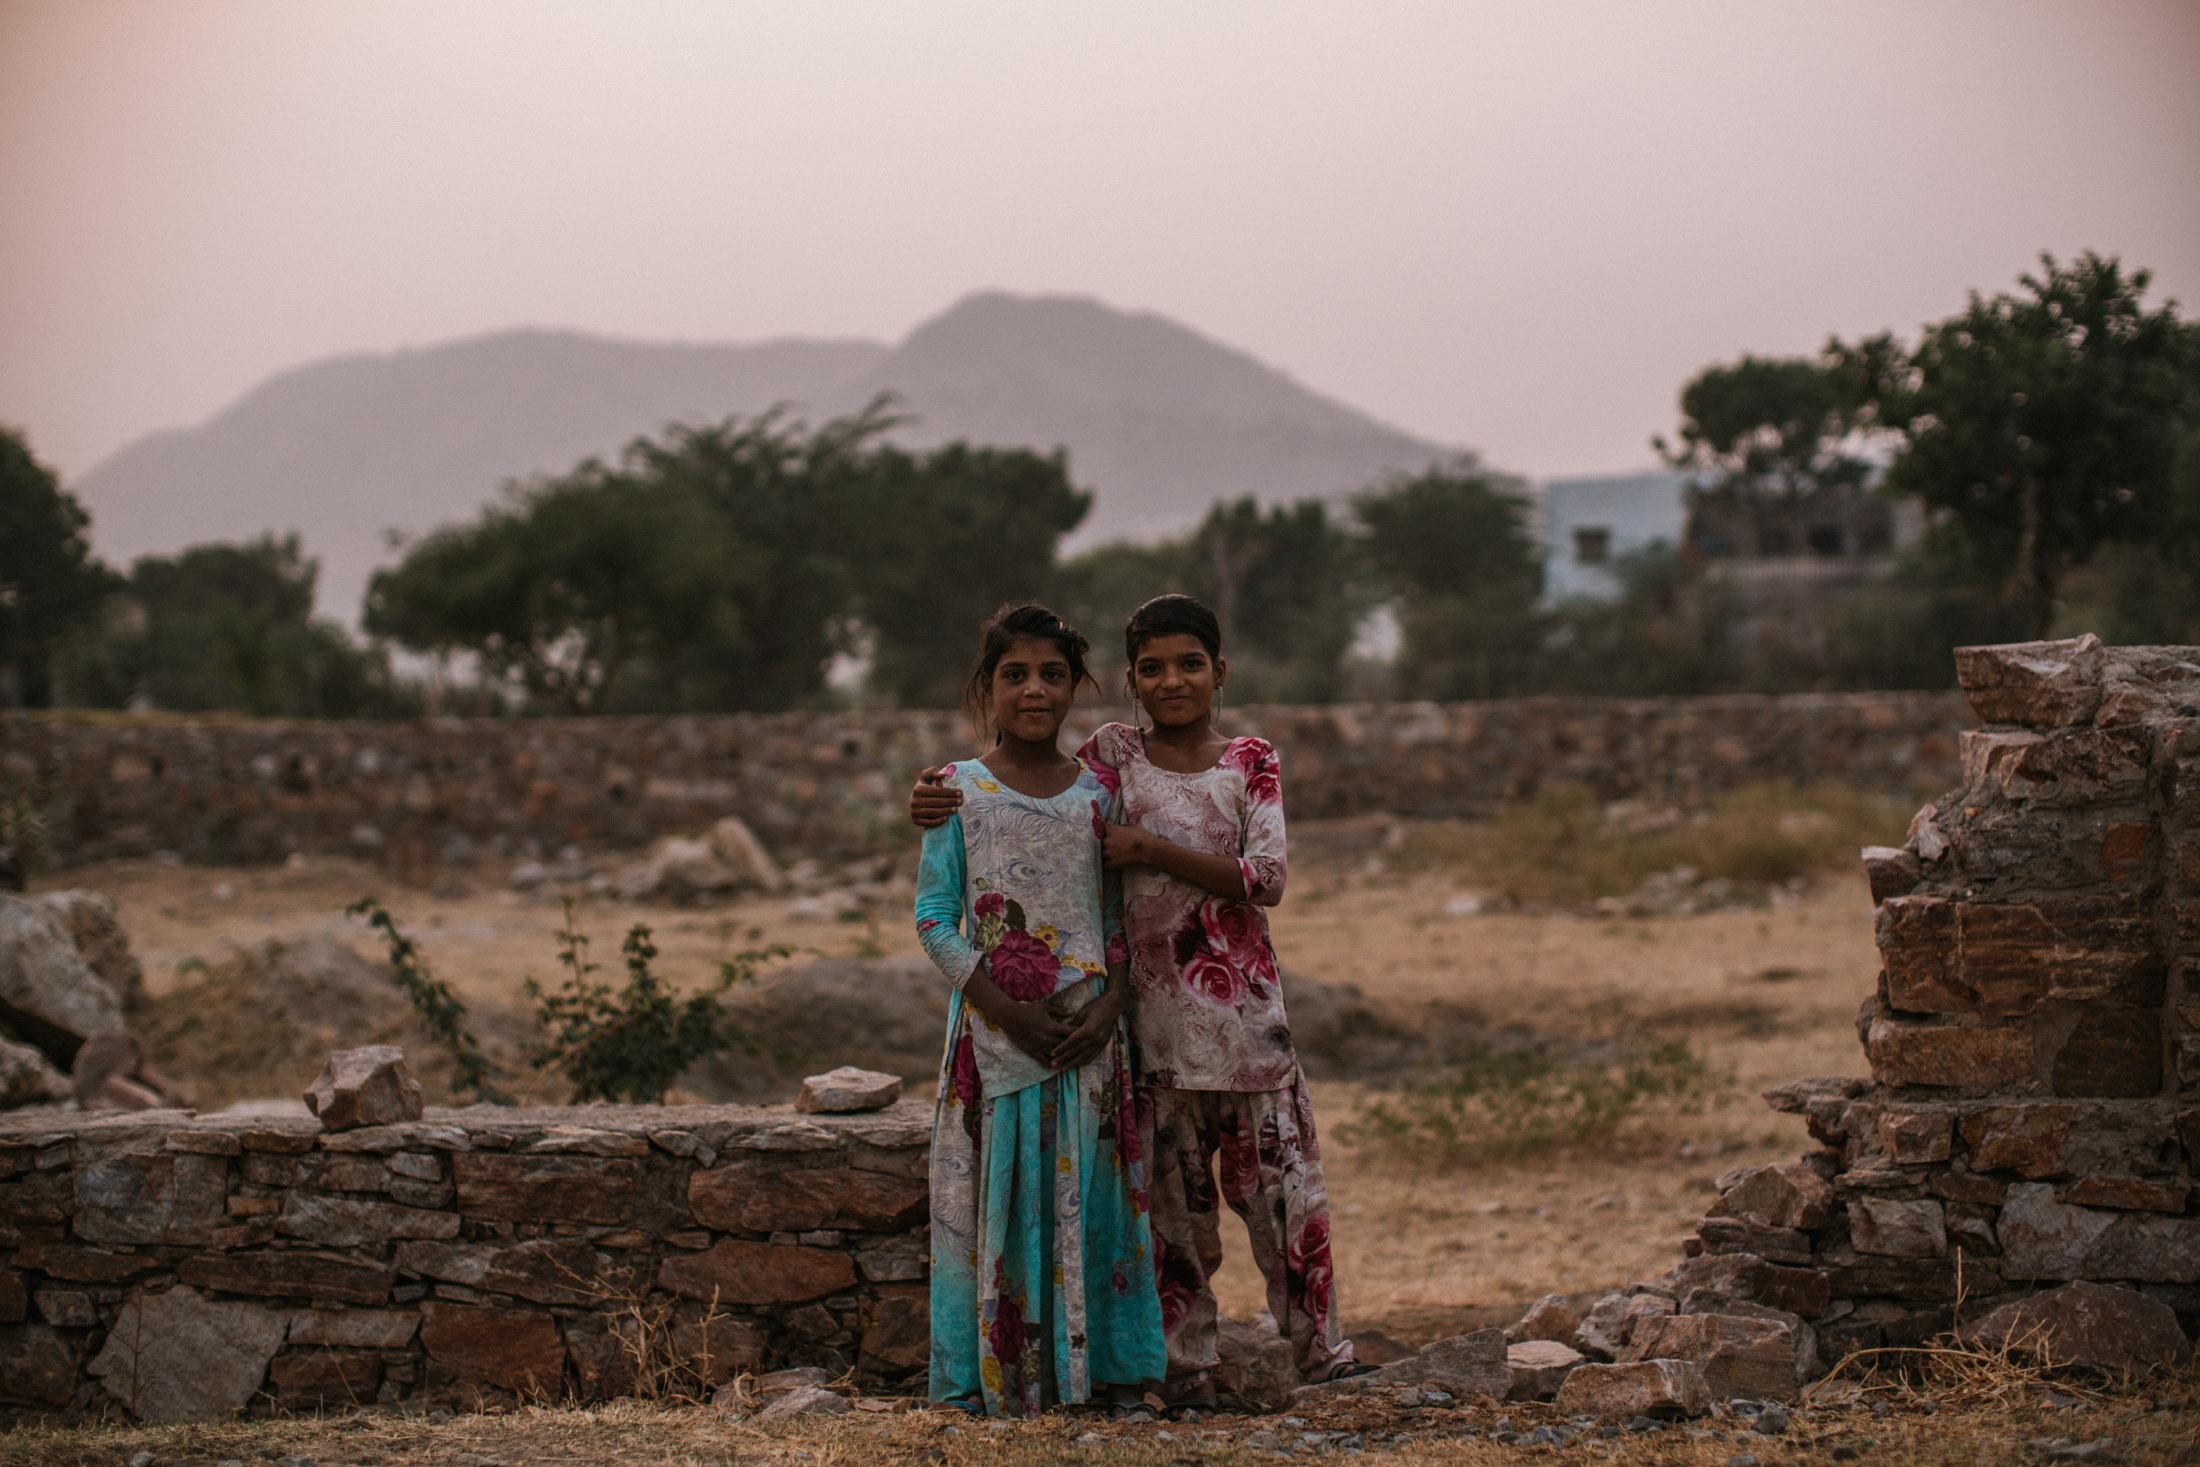 Pushkar Nov 2017-Dean Raphael Photography-41.jpg